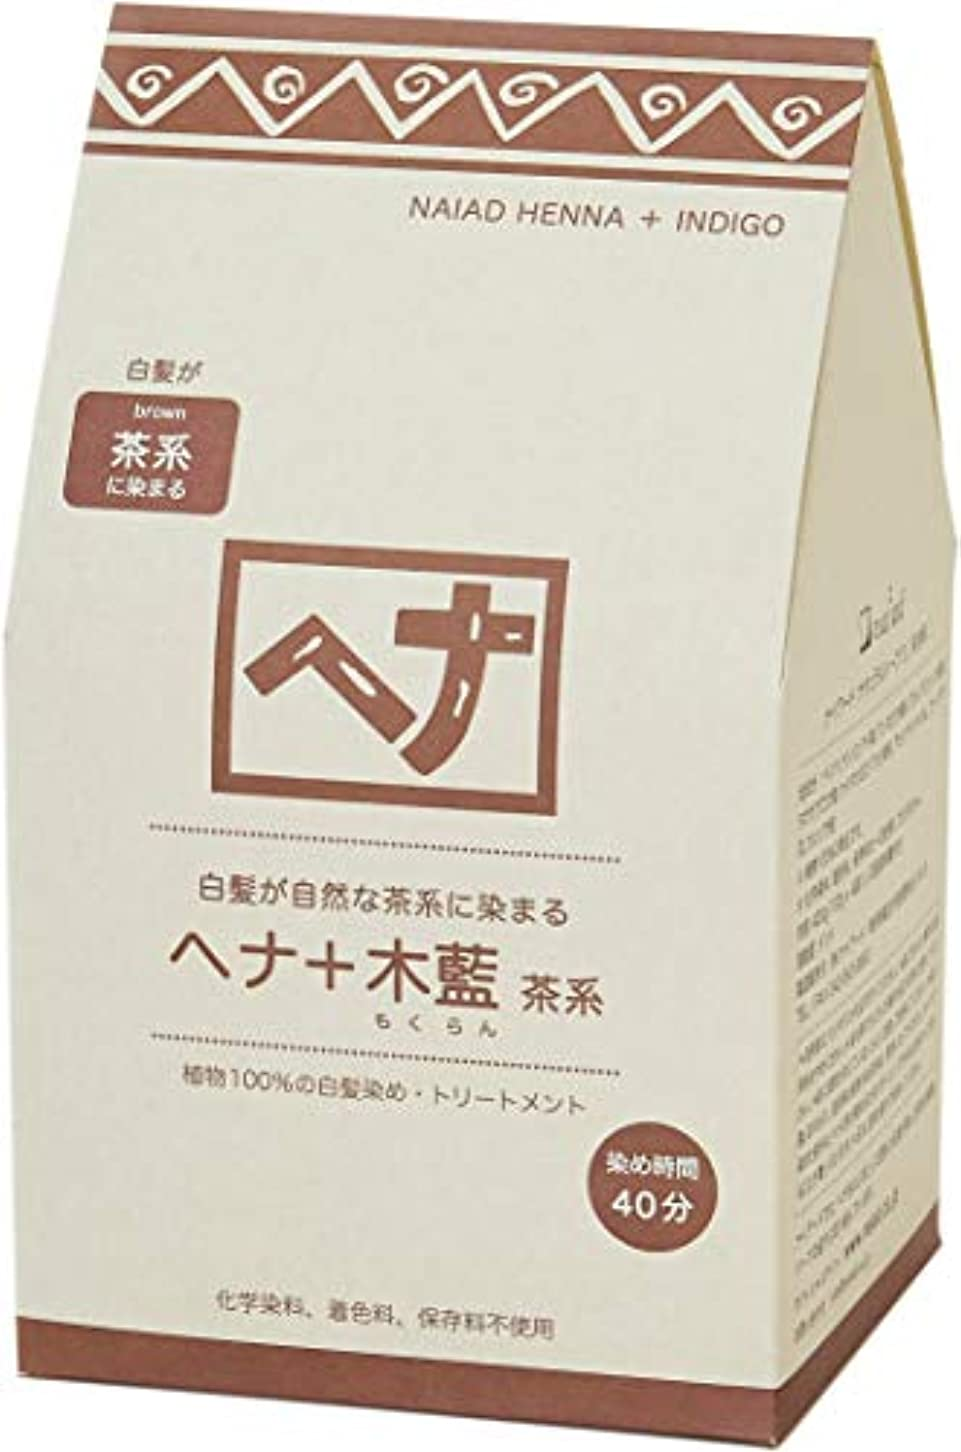 礼儀遺伝的誘うNaiad(ナイアード) ヘナ+木藍 茶系 400g